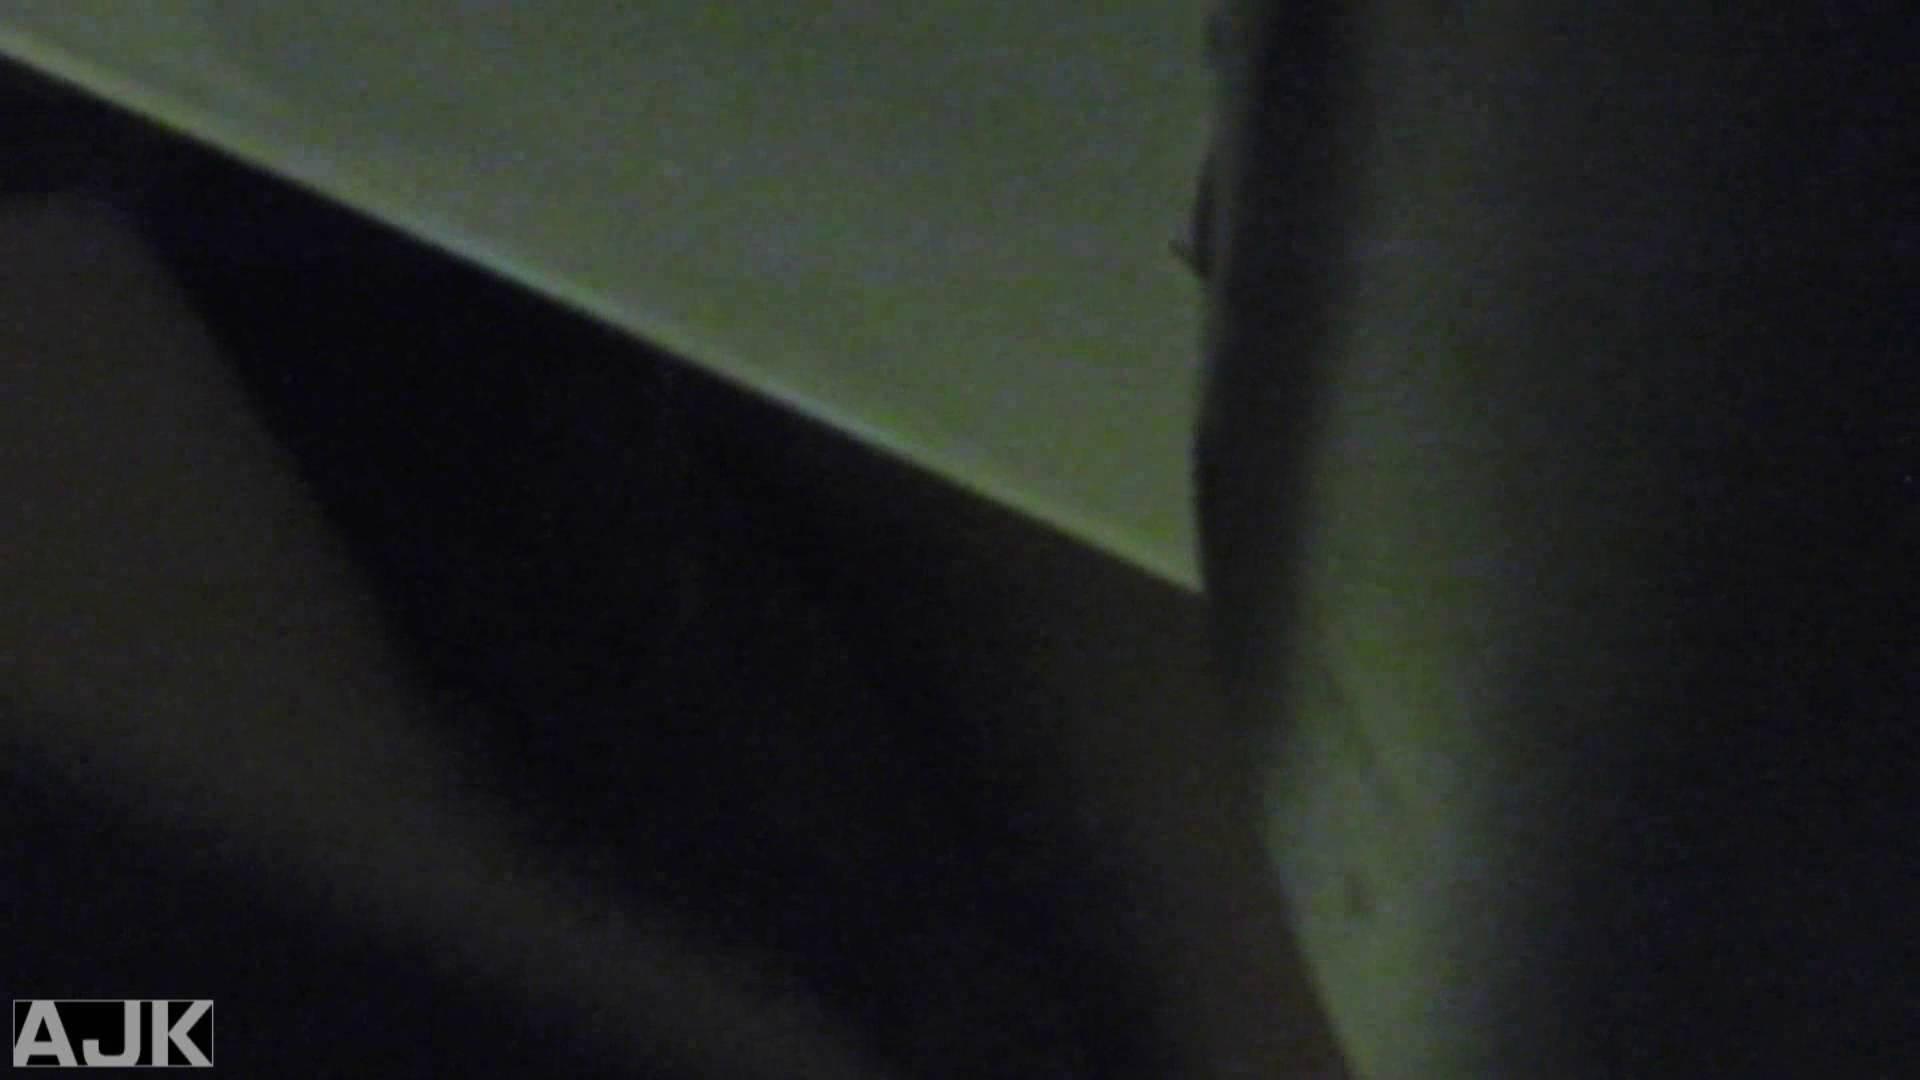 隣国上階級エリアの令嬢たちが集うデパートお手洗い Vol.17 お手洗い | 色っぽいOL達  98pic 91